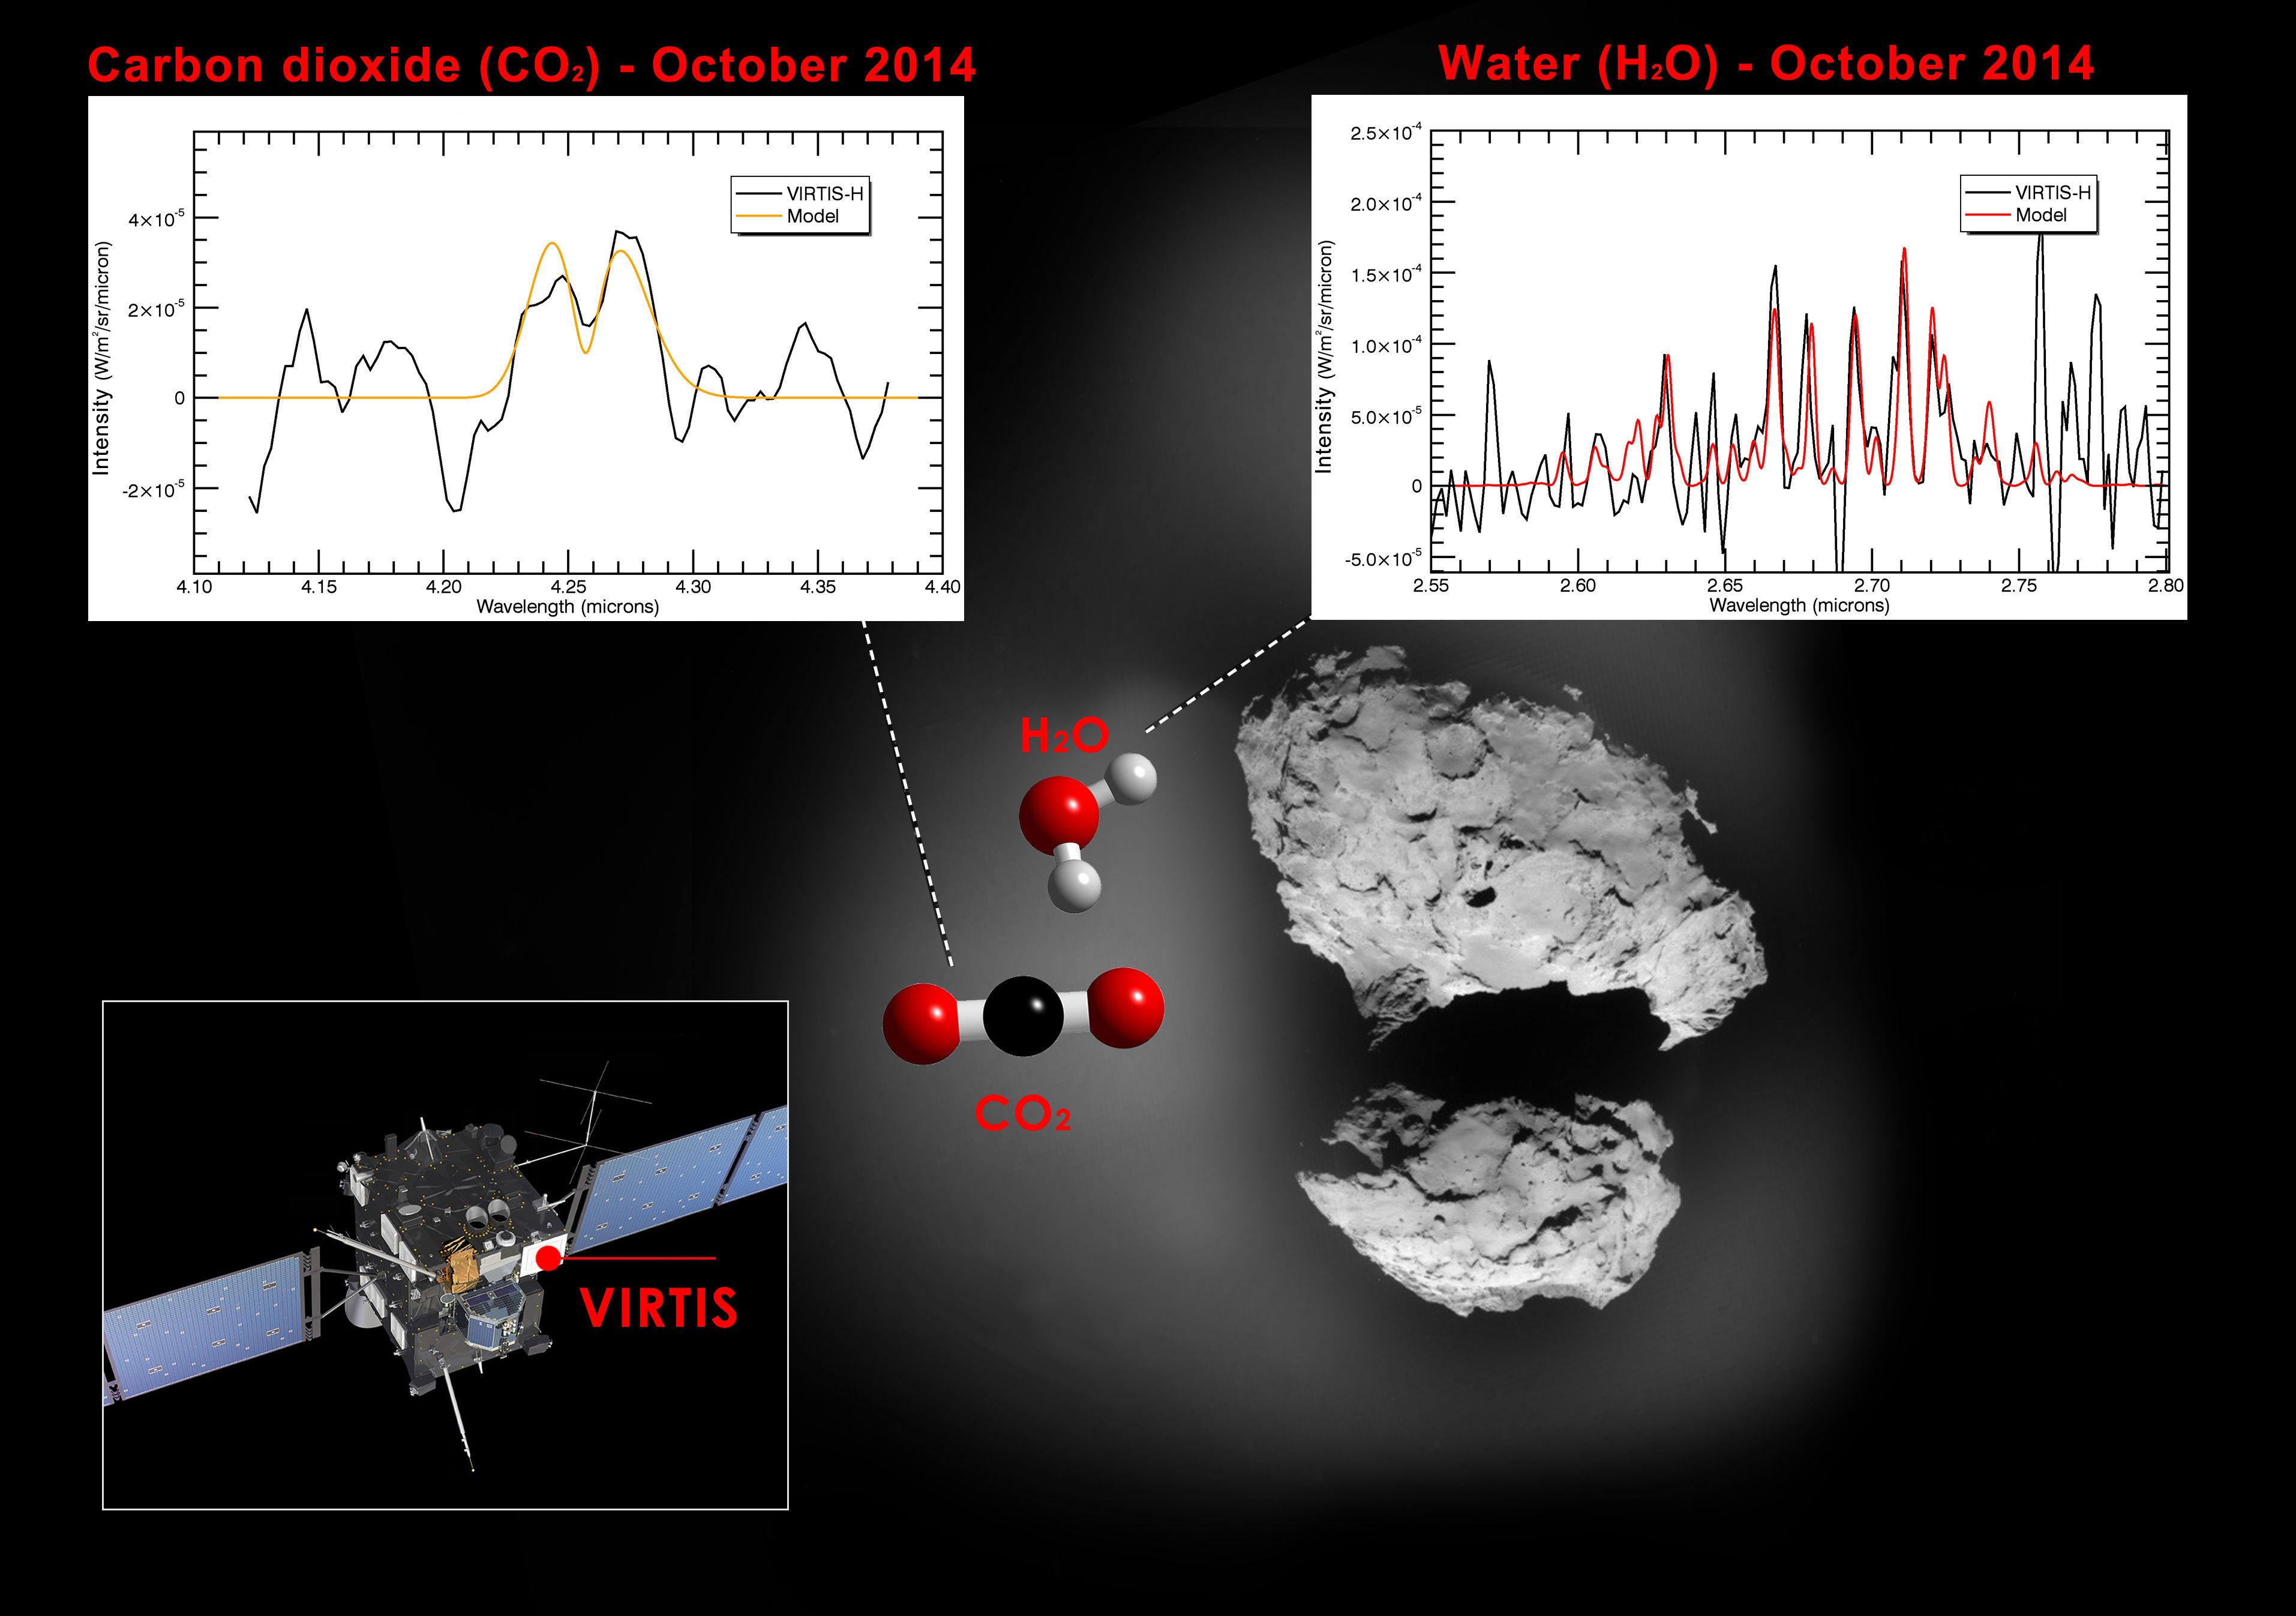 VIRTIS передал свои первые спектры комы кометы 67P/Чурюмова - Герасименко